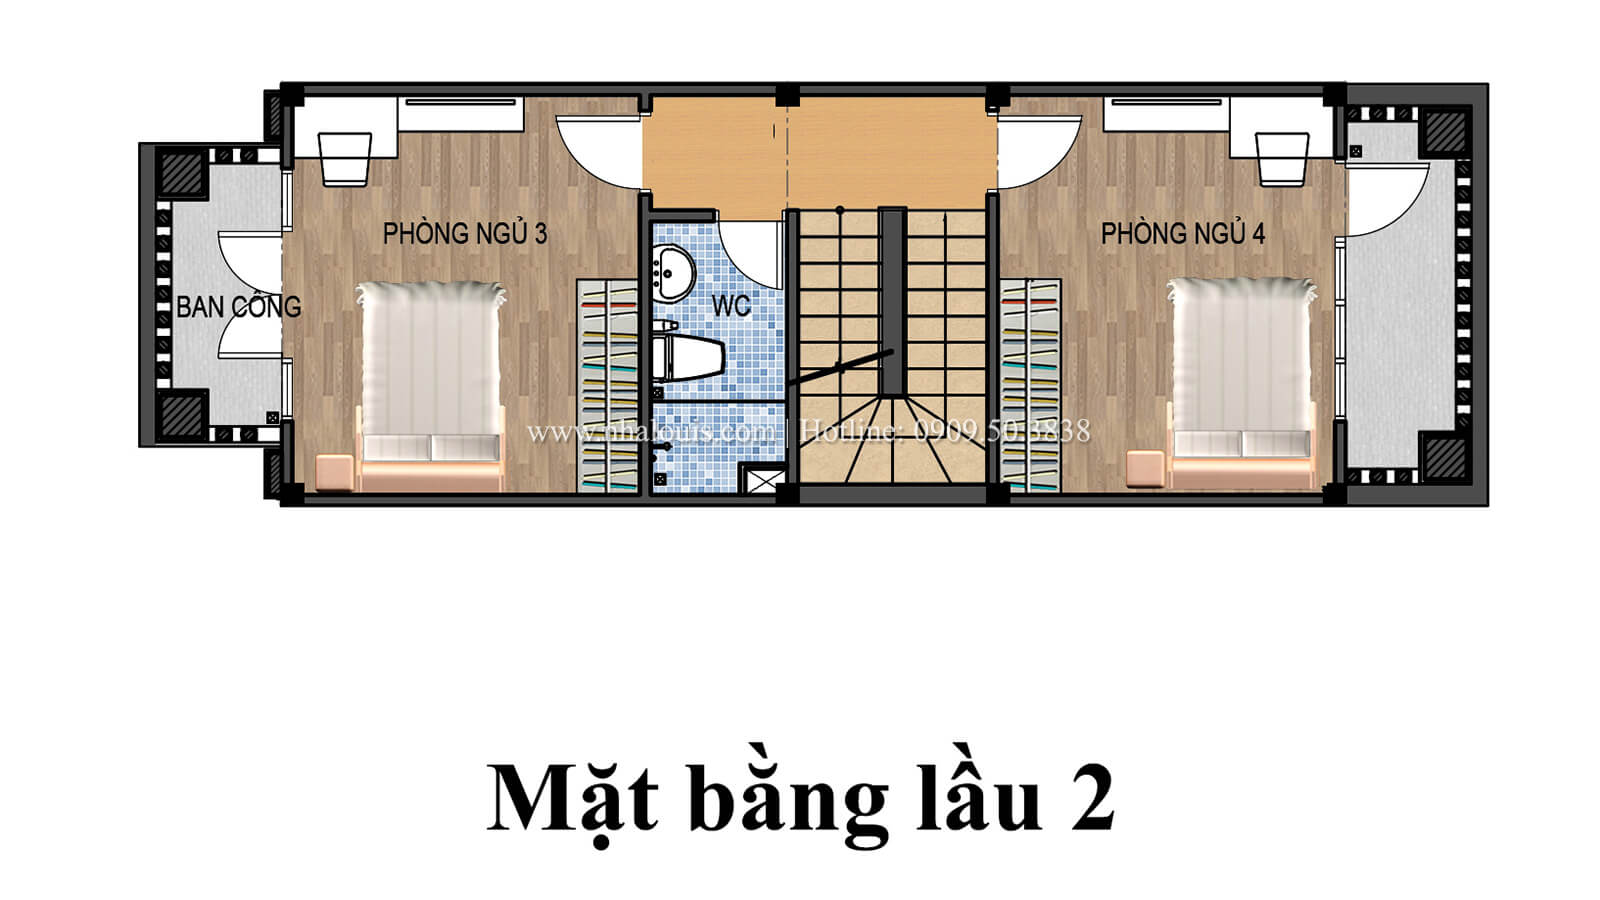 Mặt bằng tầng 2 Nhà 4x15 phong cách tân cổ điển đẹp sang chảnh tại Gò Vấp - 06